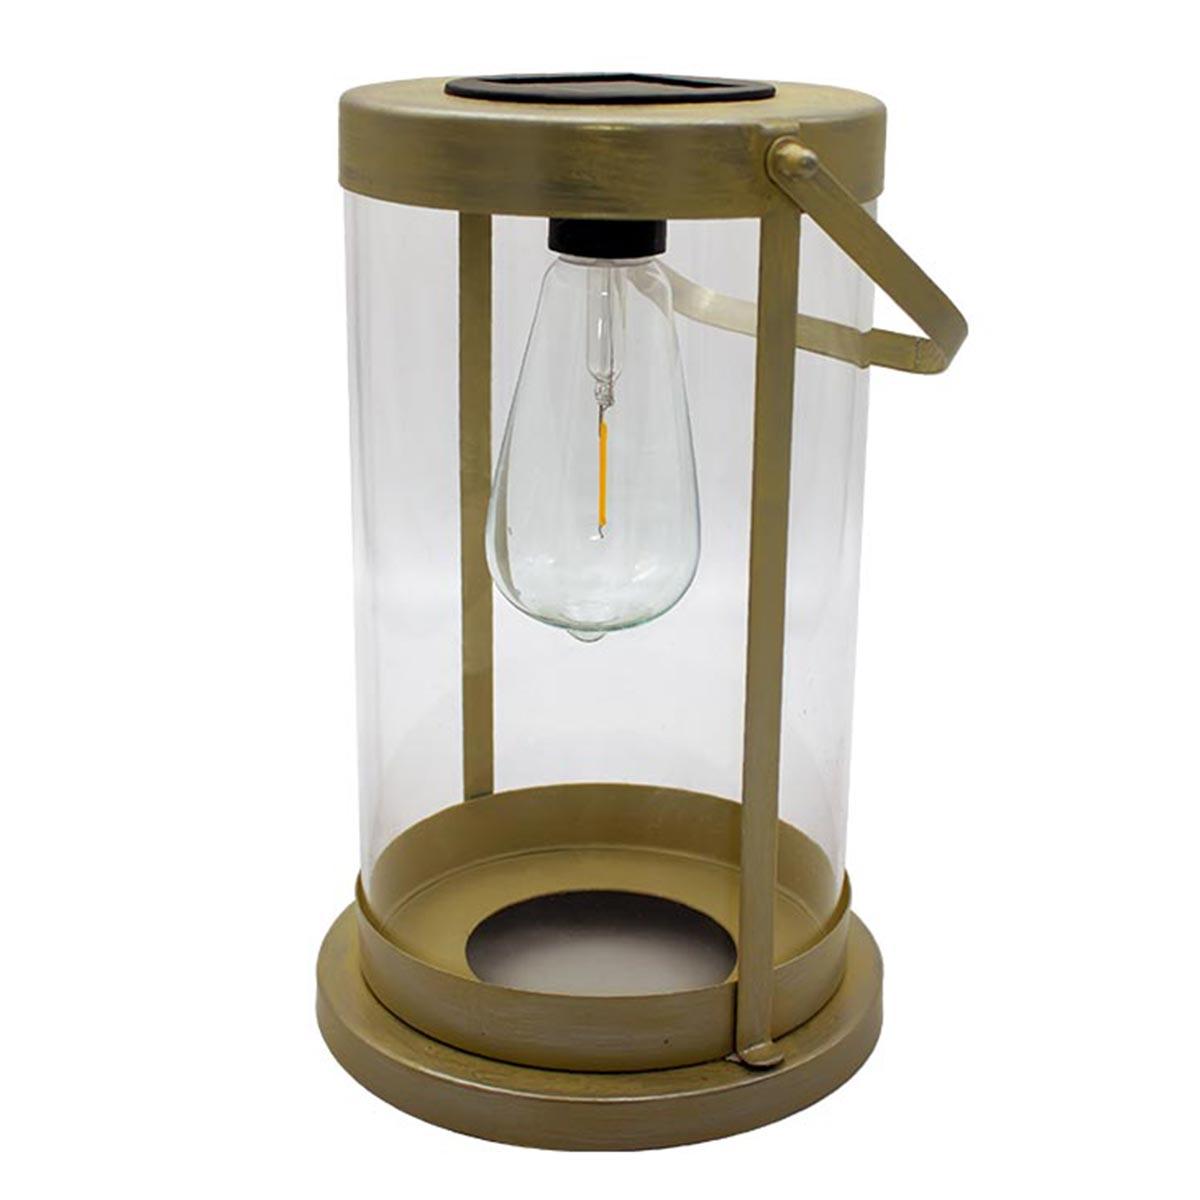 FORUM-Lanterne solaire acier beige H38cm